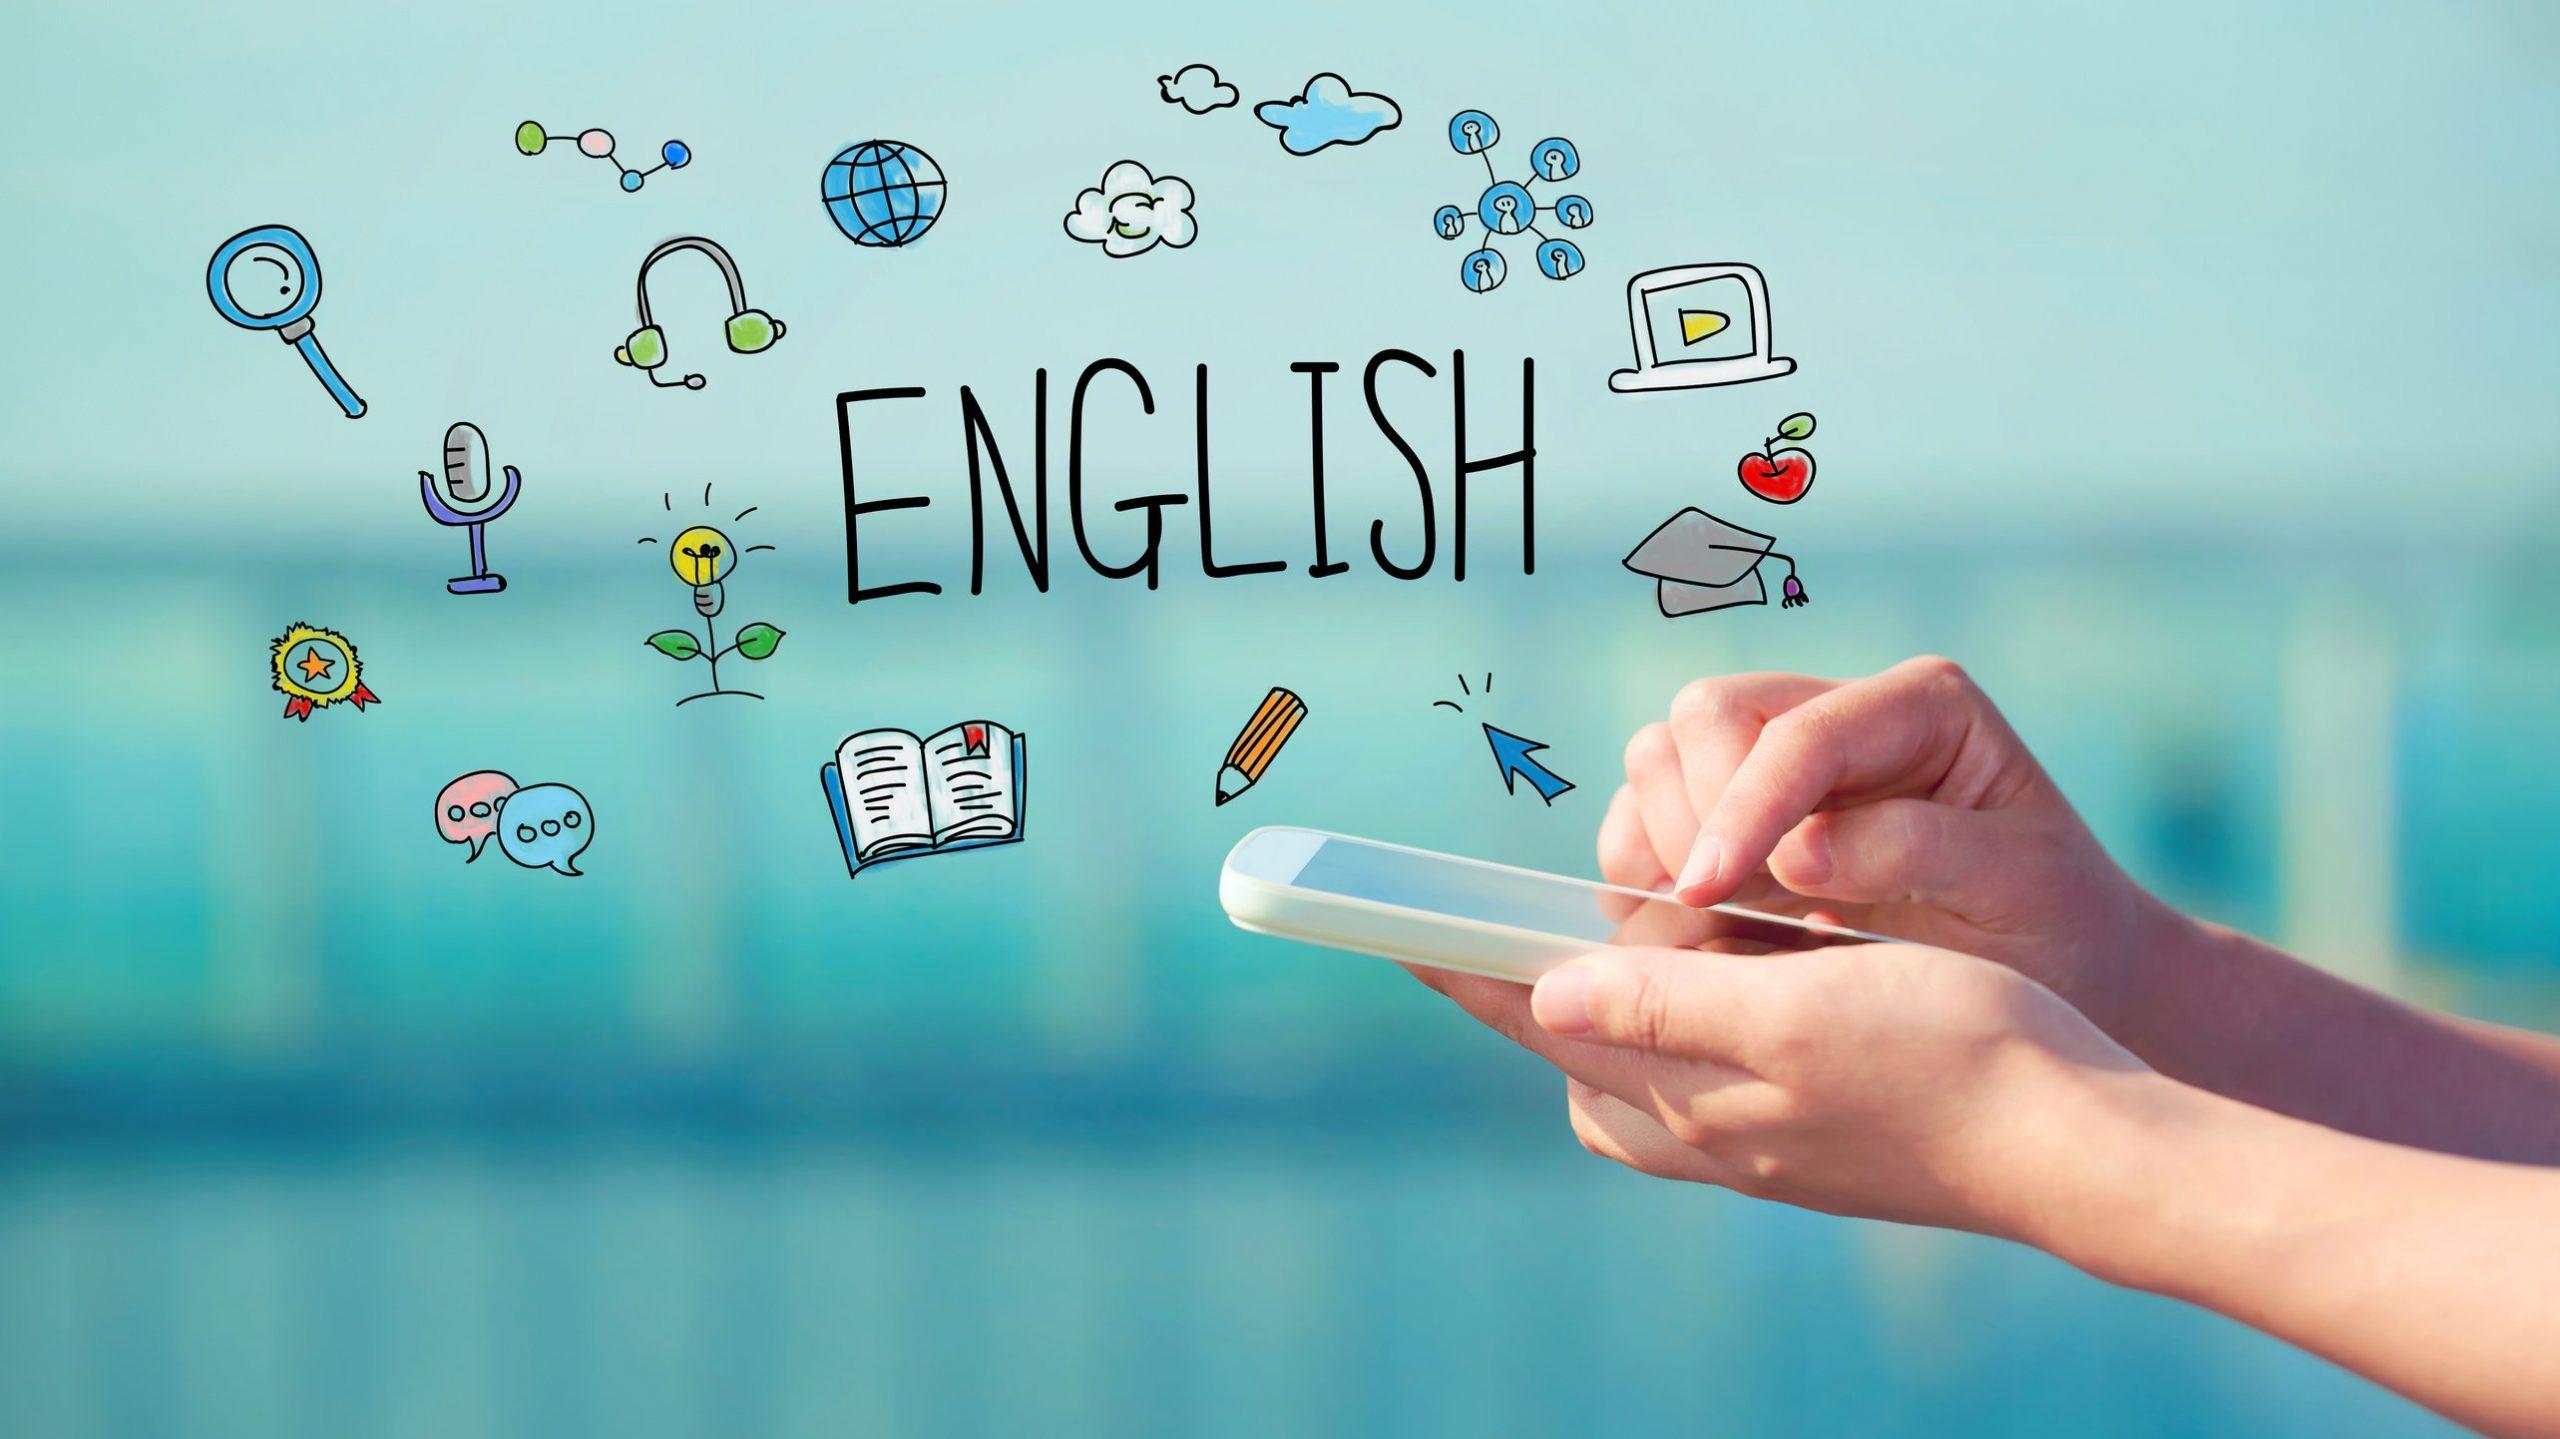 كيفية تكوين جملة في اللغة الإنجليزية